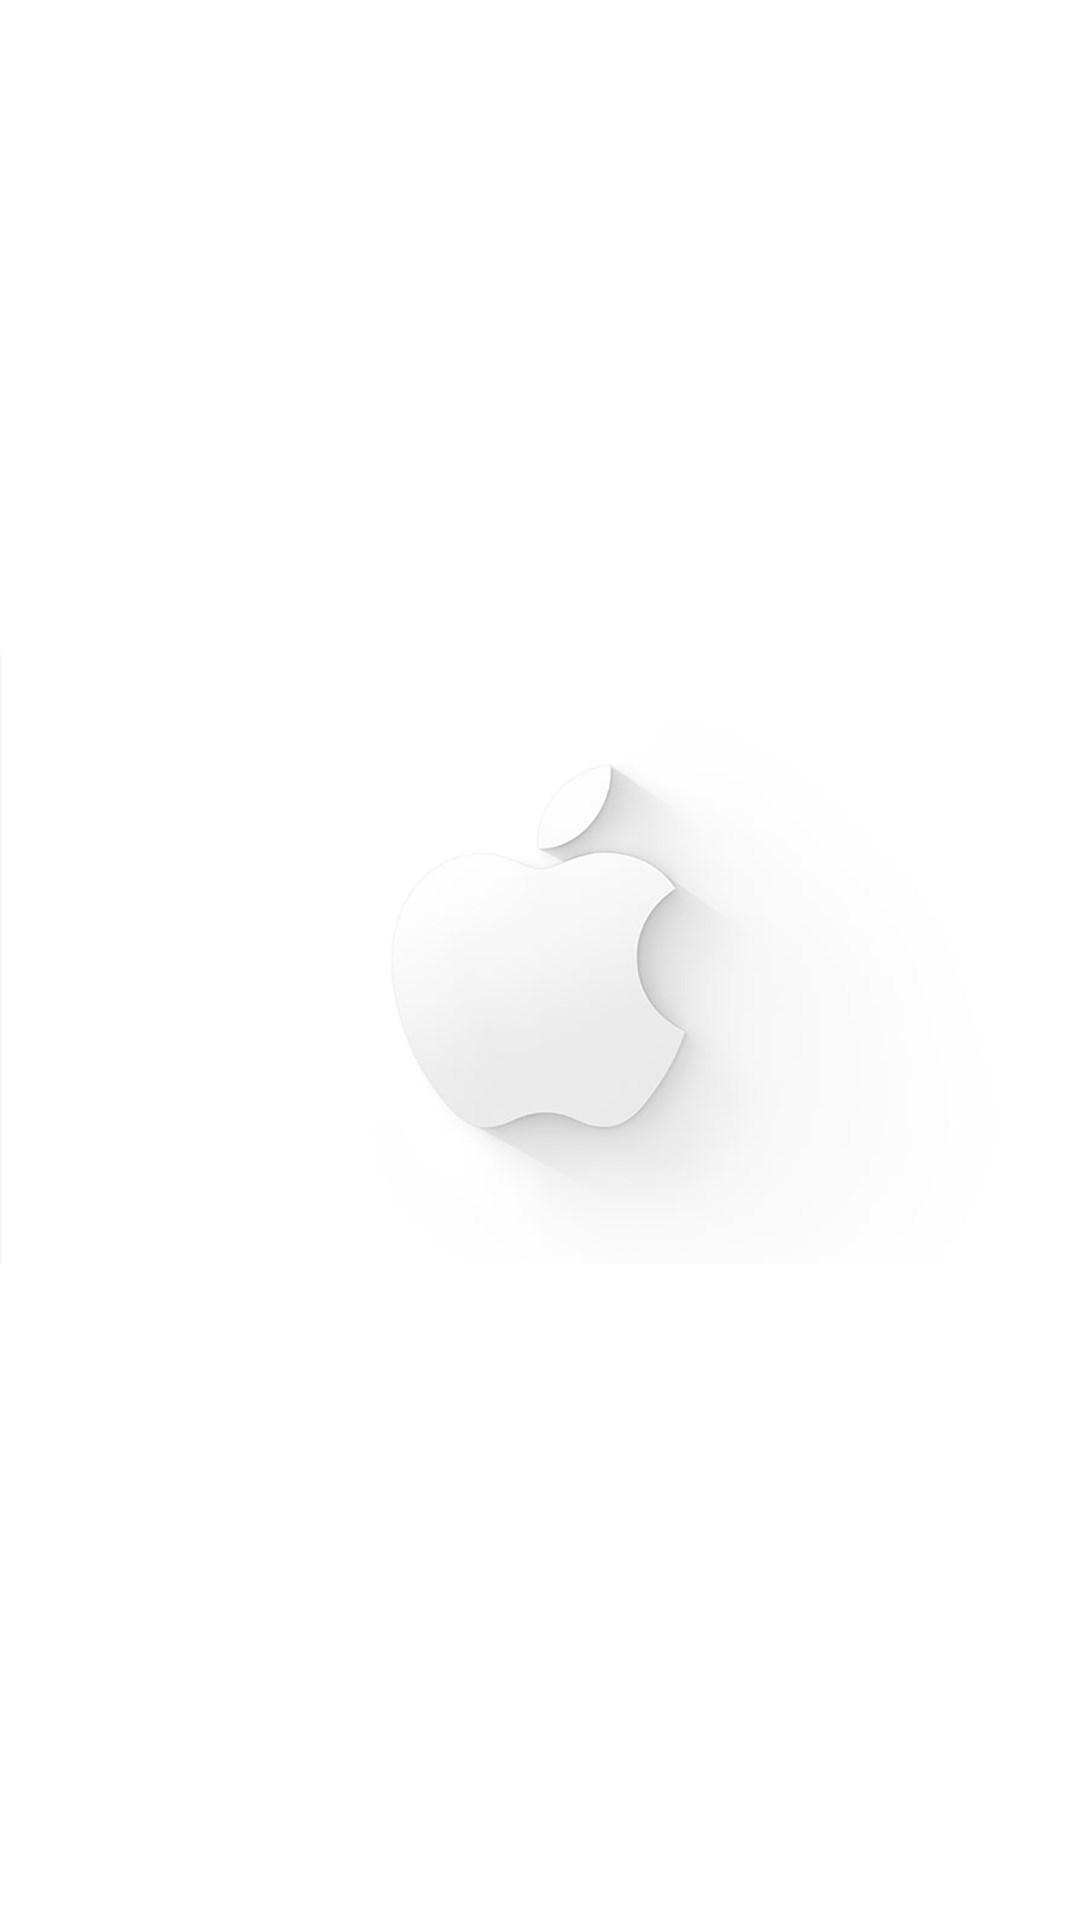 苹果logo 简约 白色 苹果手机高清壁纸 1080x1920